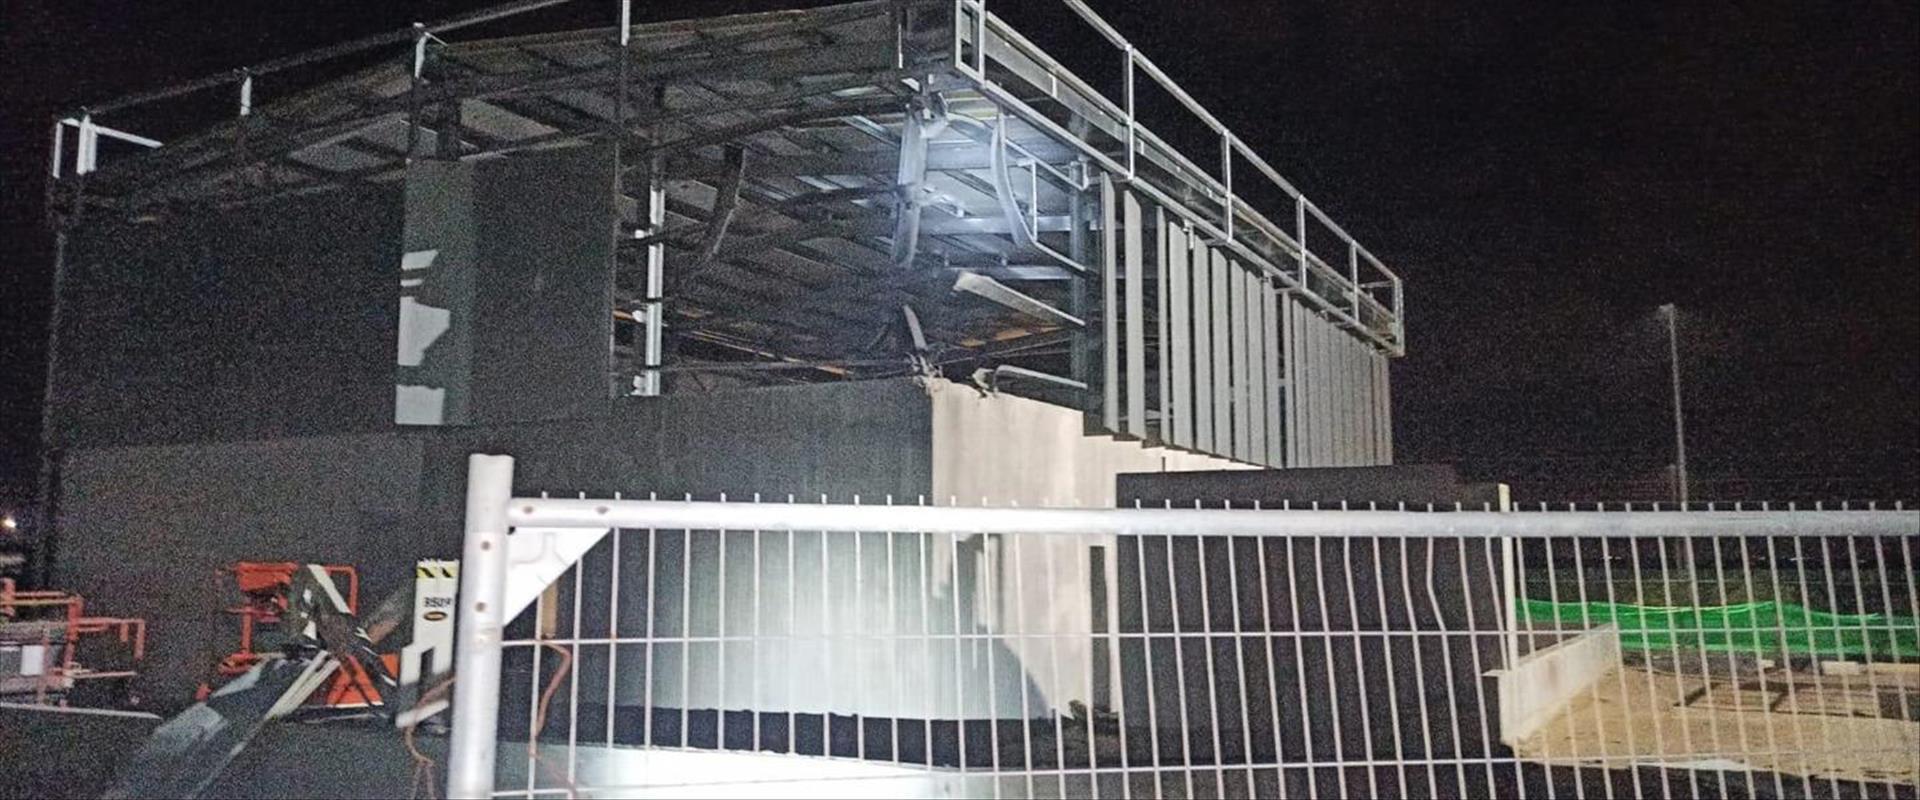 הפגיעה במפעל באשקלון, אתמול